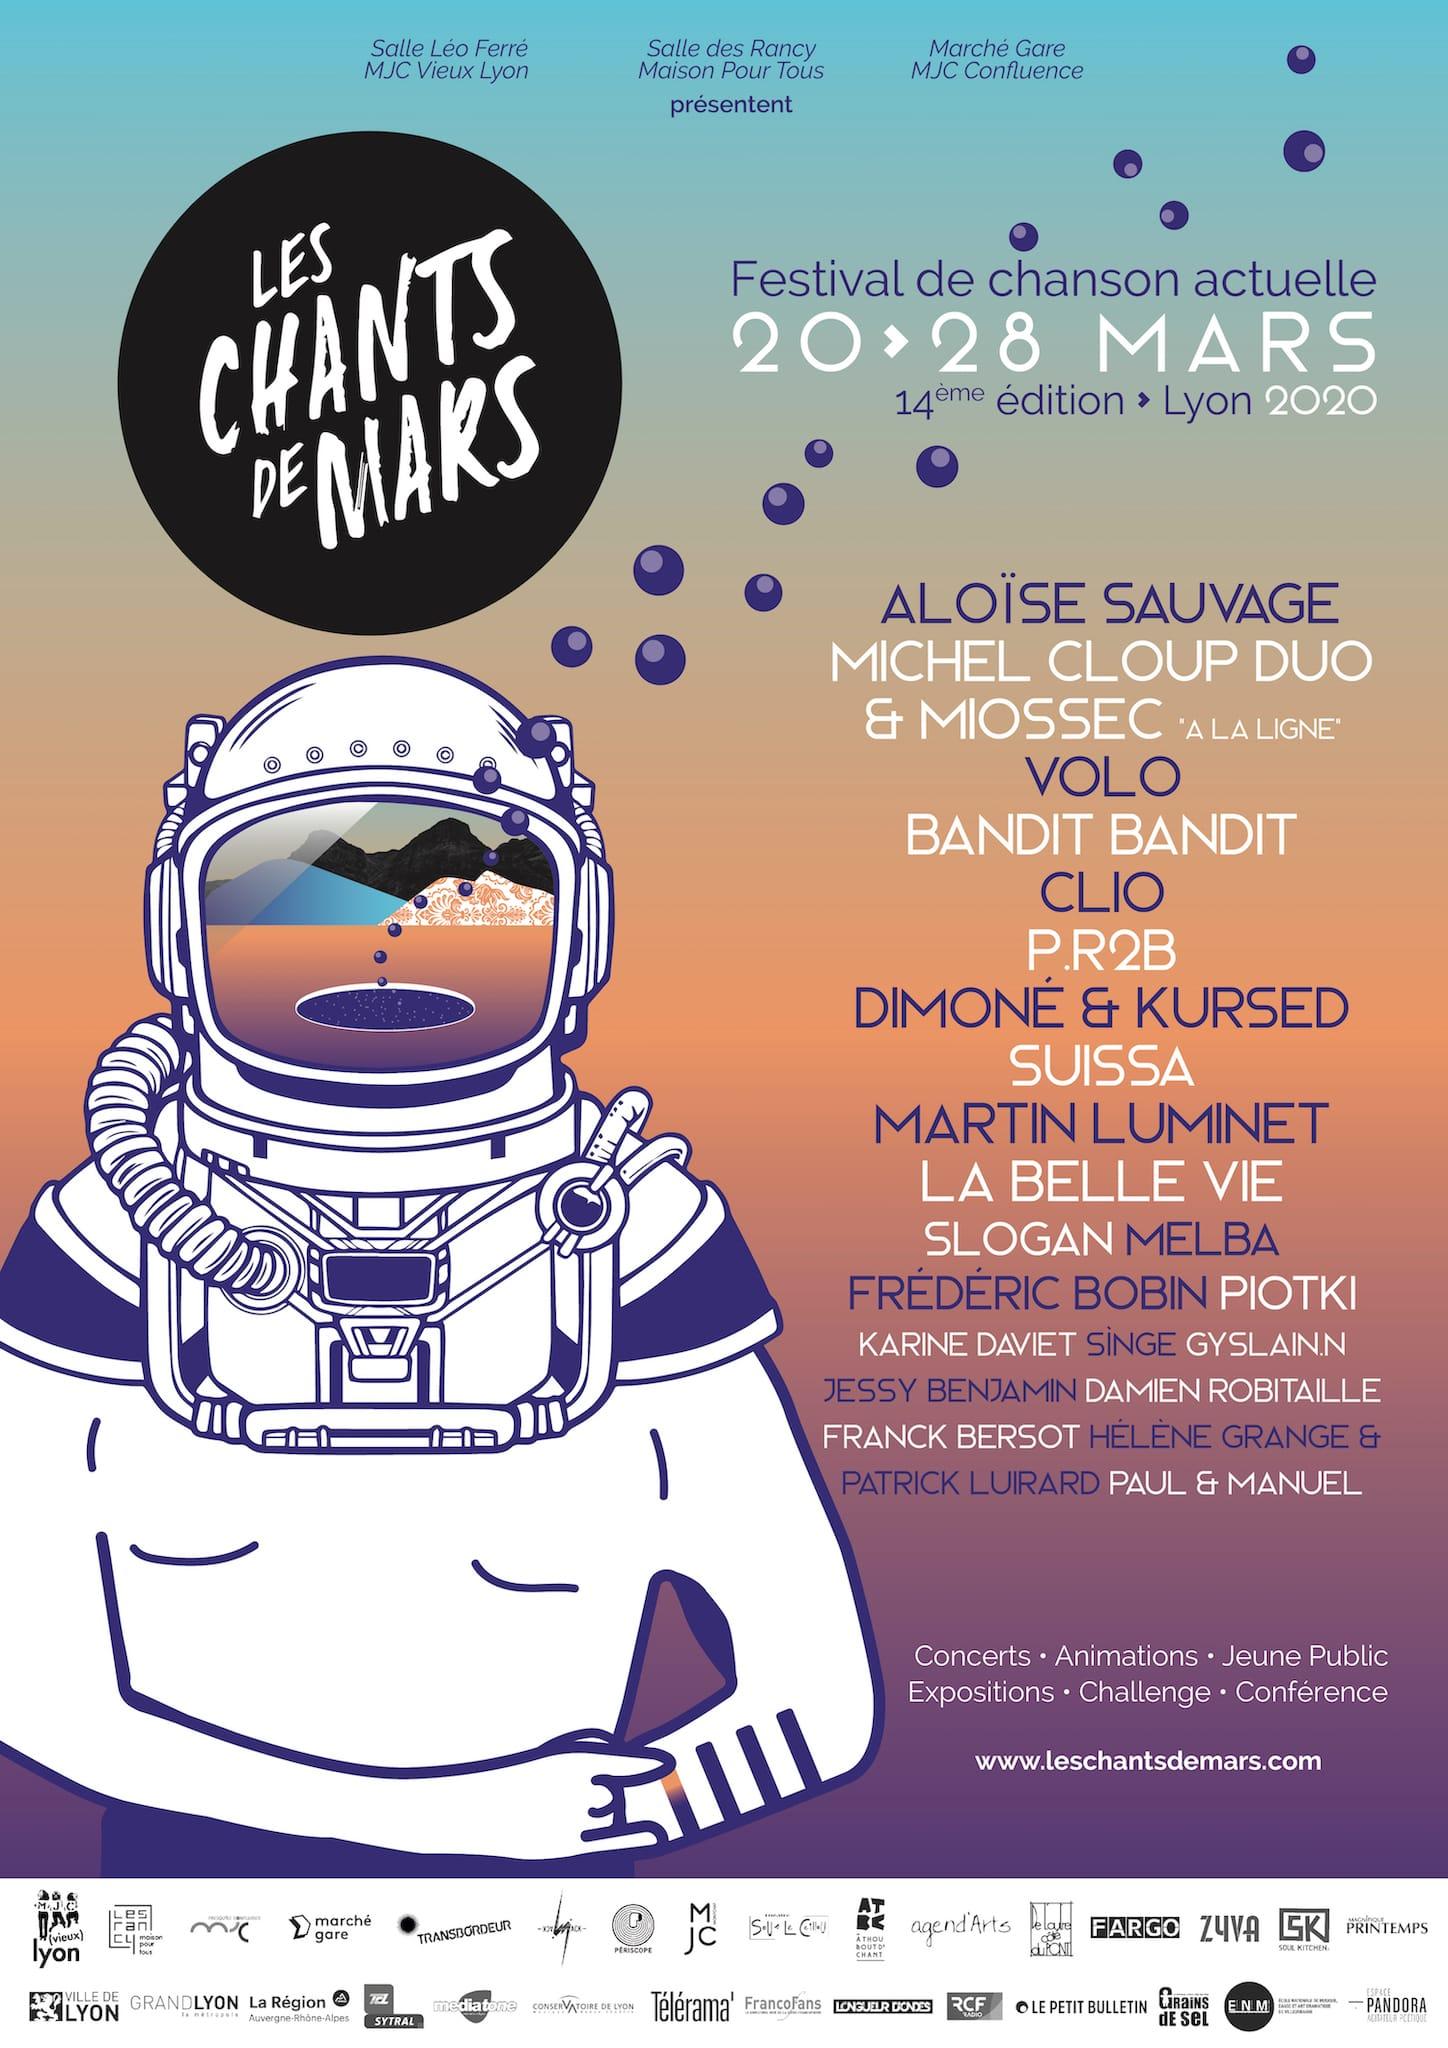 Festival Les Chants de Mars 2020 affiche musique